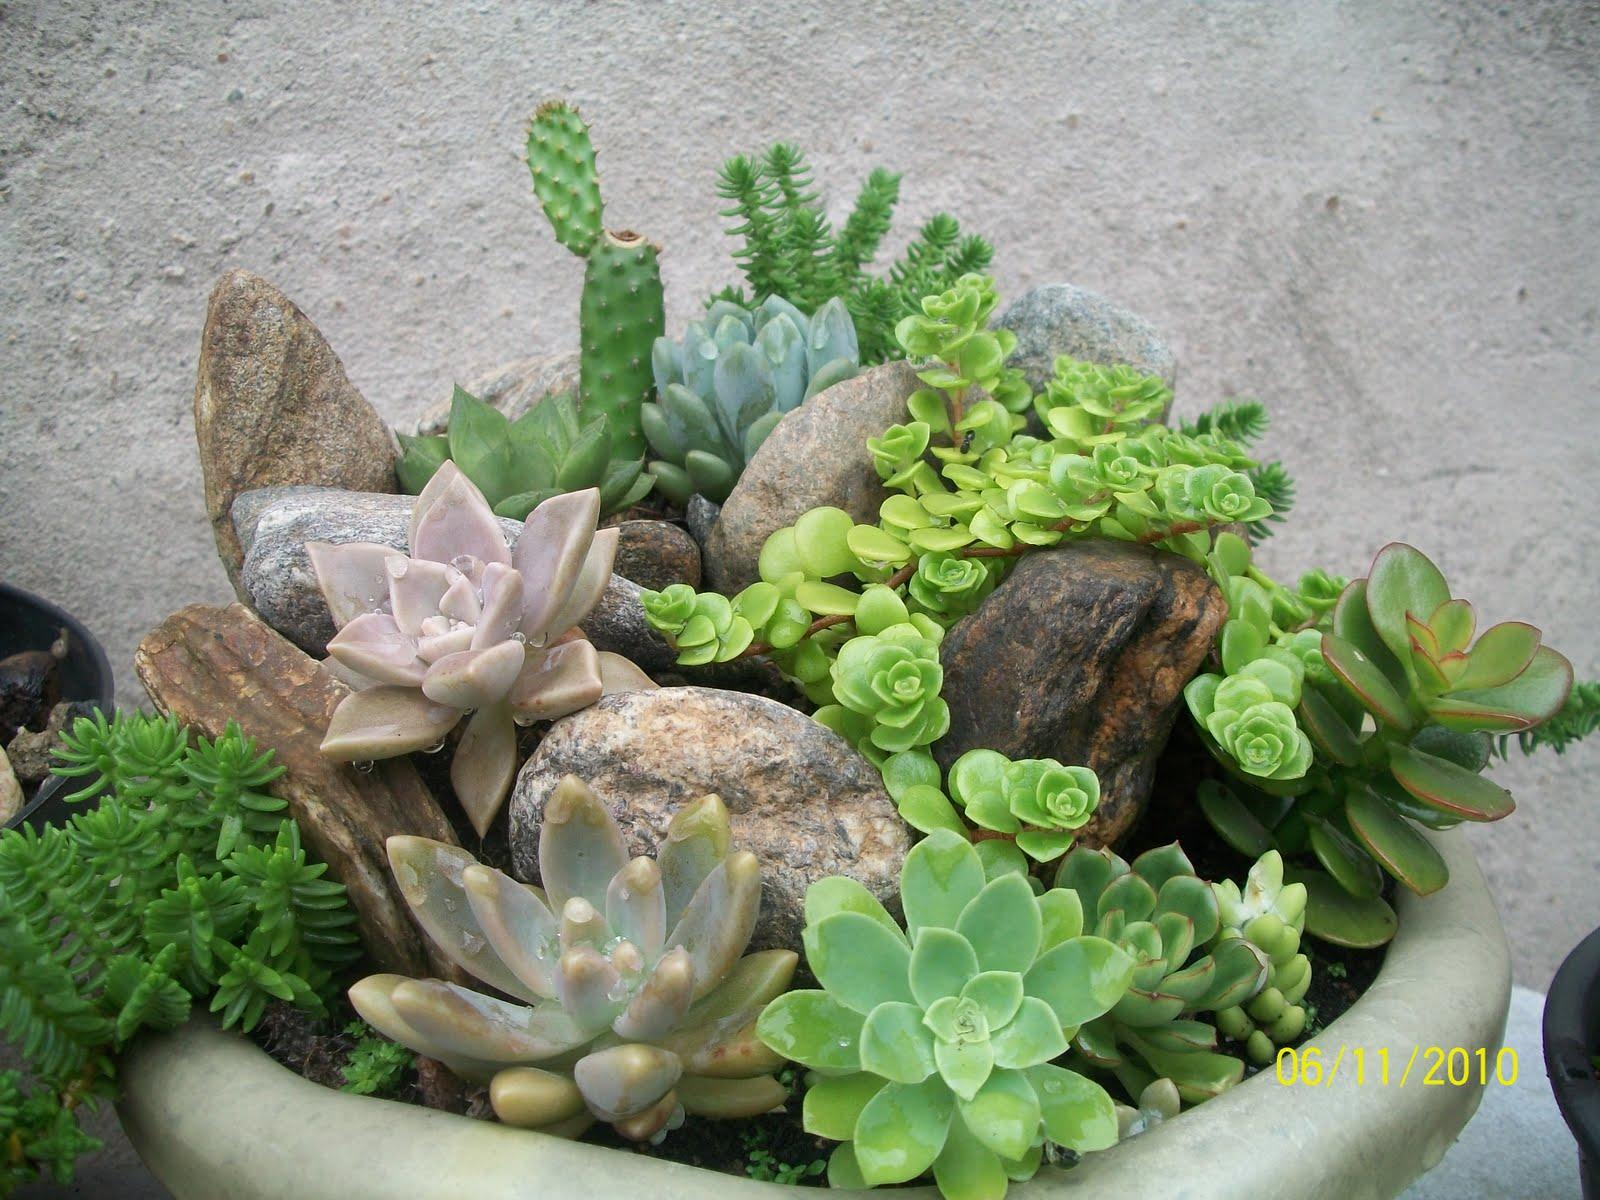 plantas de jardim que gostam de umidade : plantas de jardim que gostam de umidade: suculentas num único vaso. Ficou melhor do que eu tinha imaginado